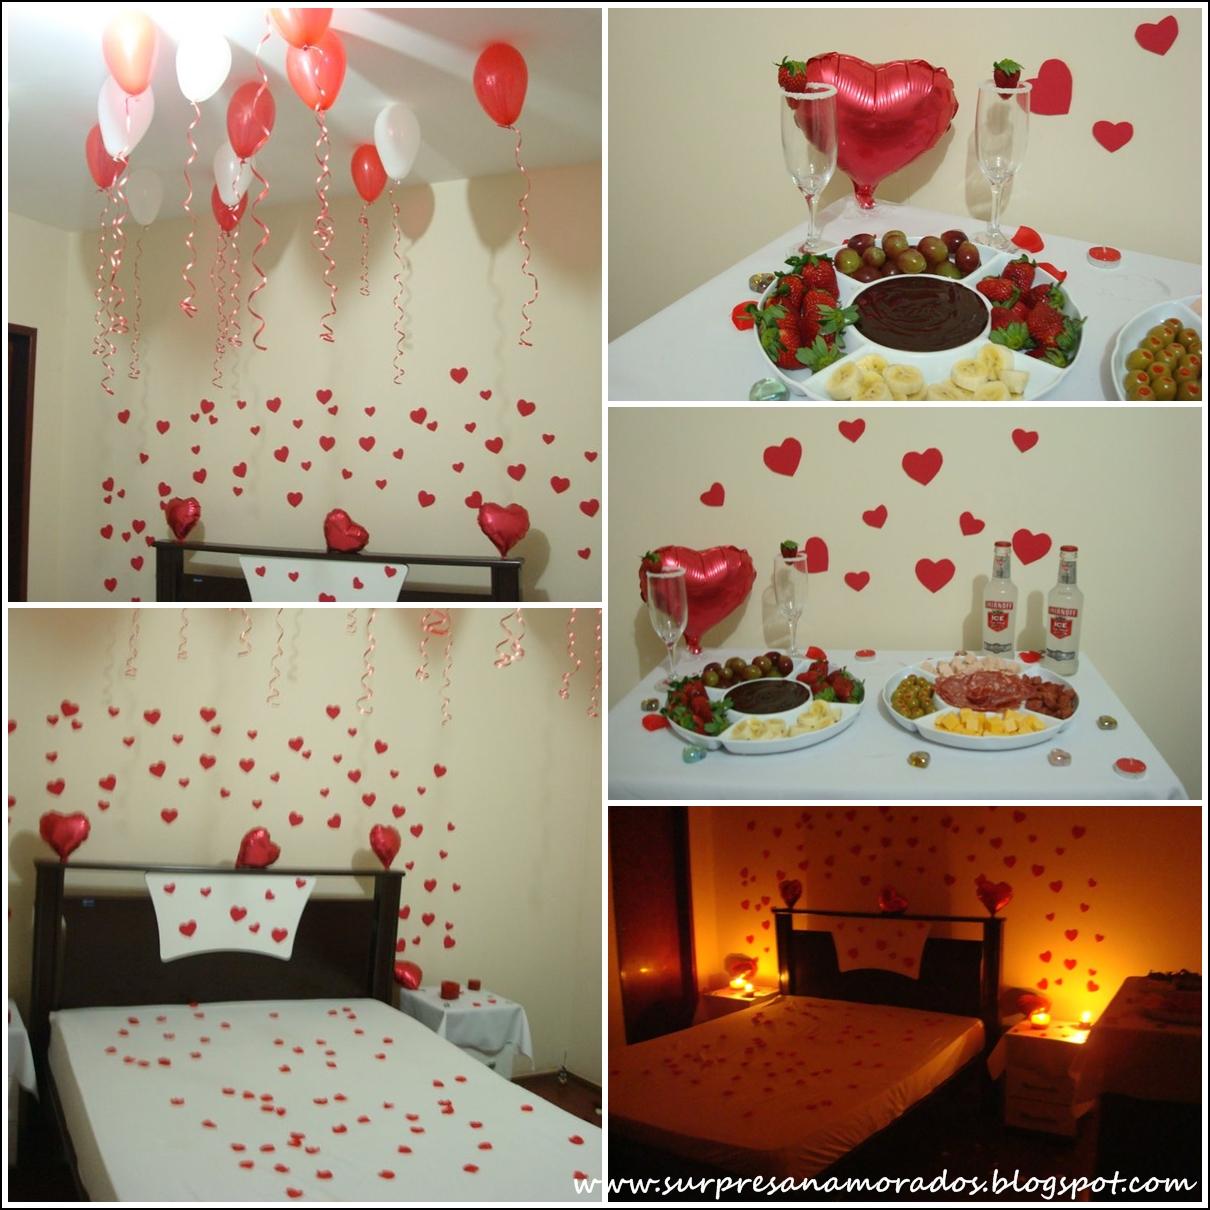 Decoração para o Dia dos Namorados  Surpresas para Namorados